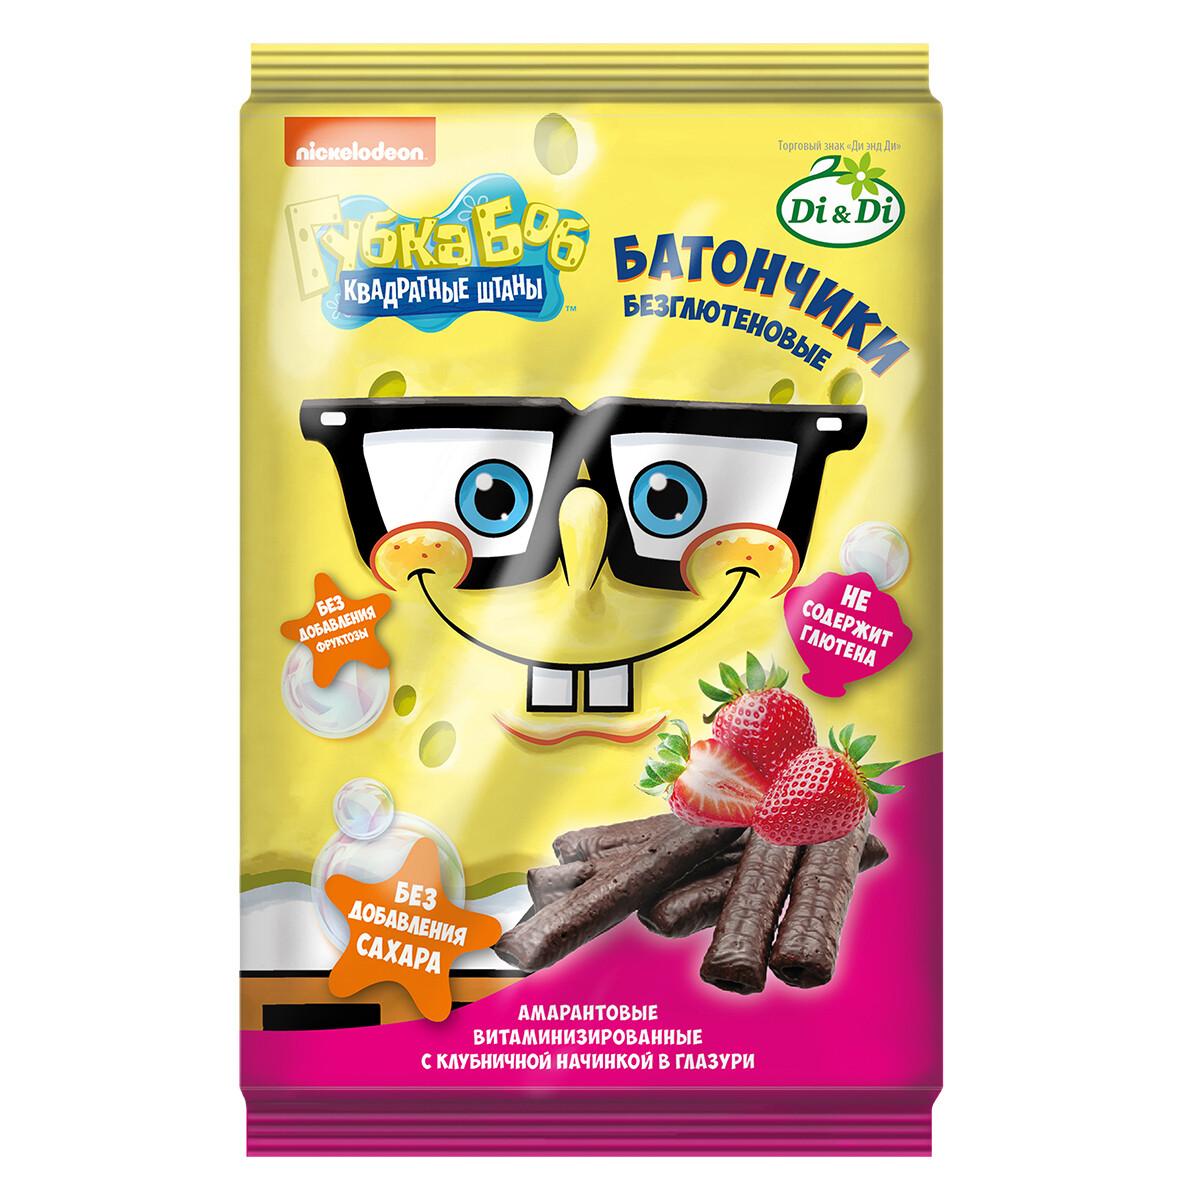 Батончики безглютеновые Губка Боб(Спанч Боб) с клубничной начинкой, витаминизированные 110г